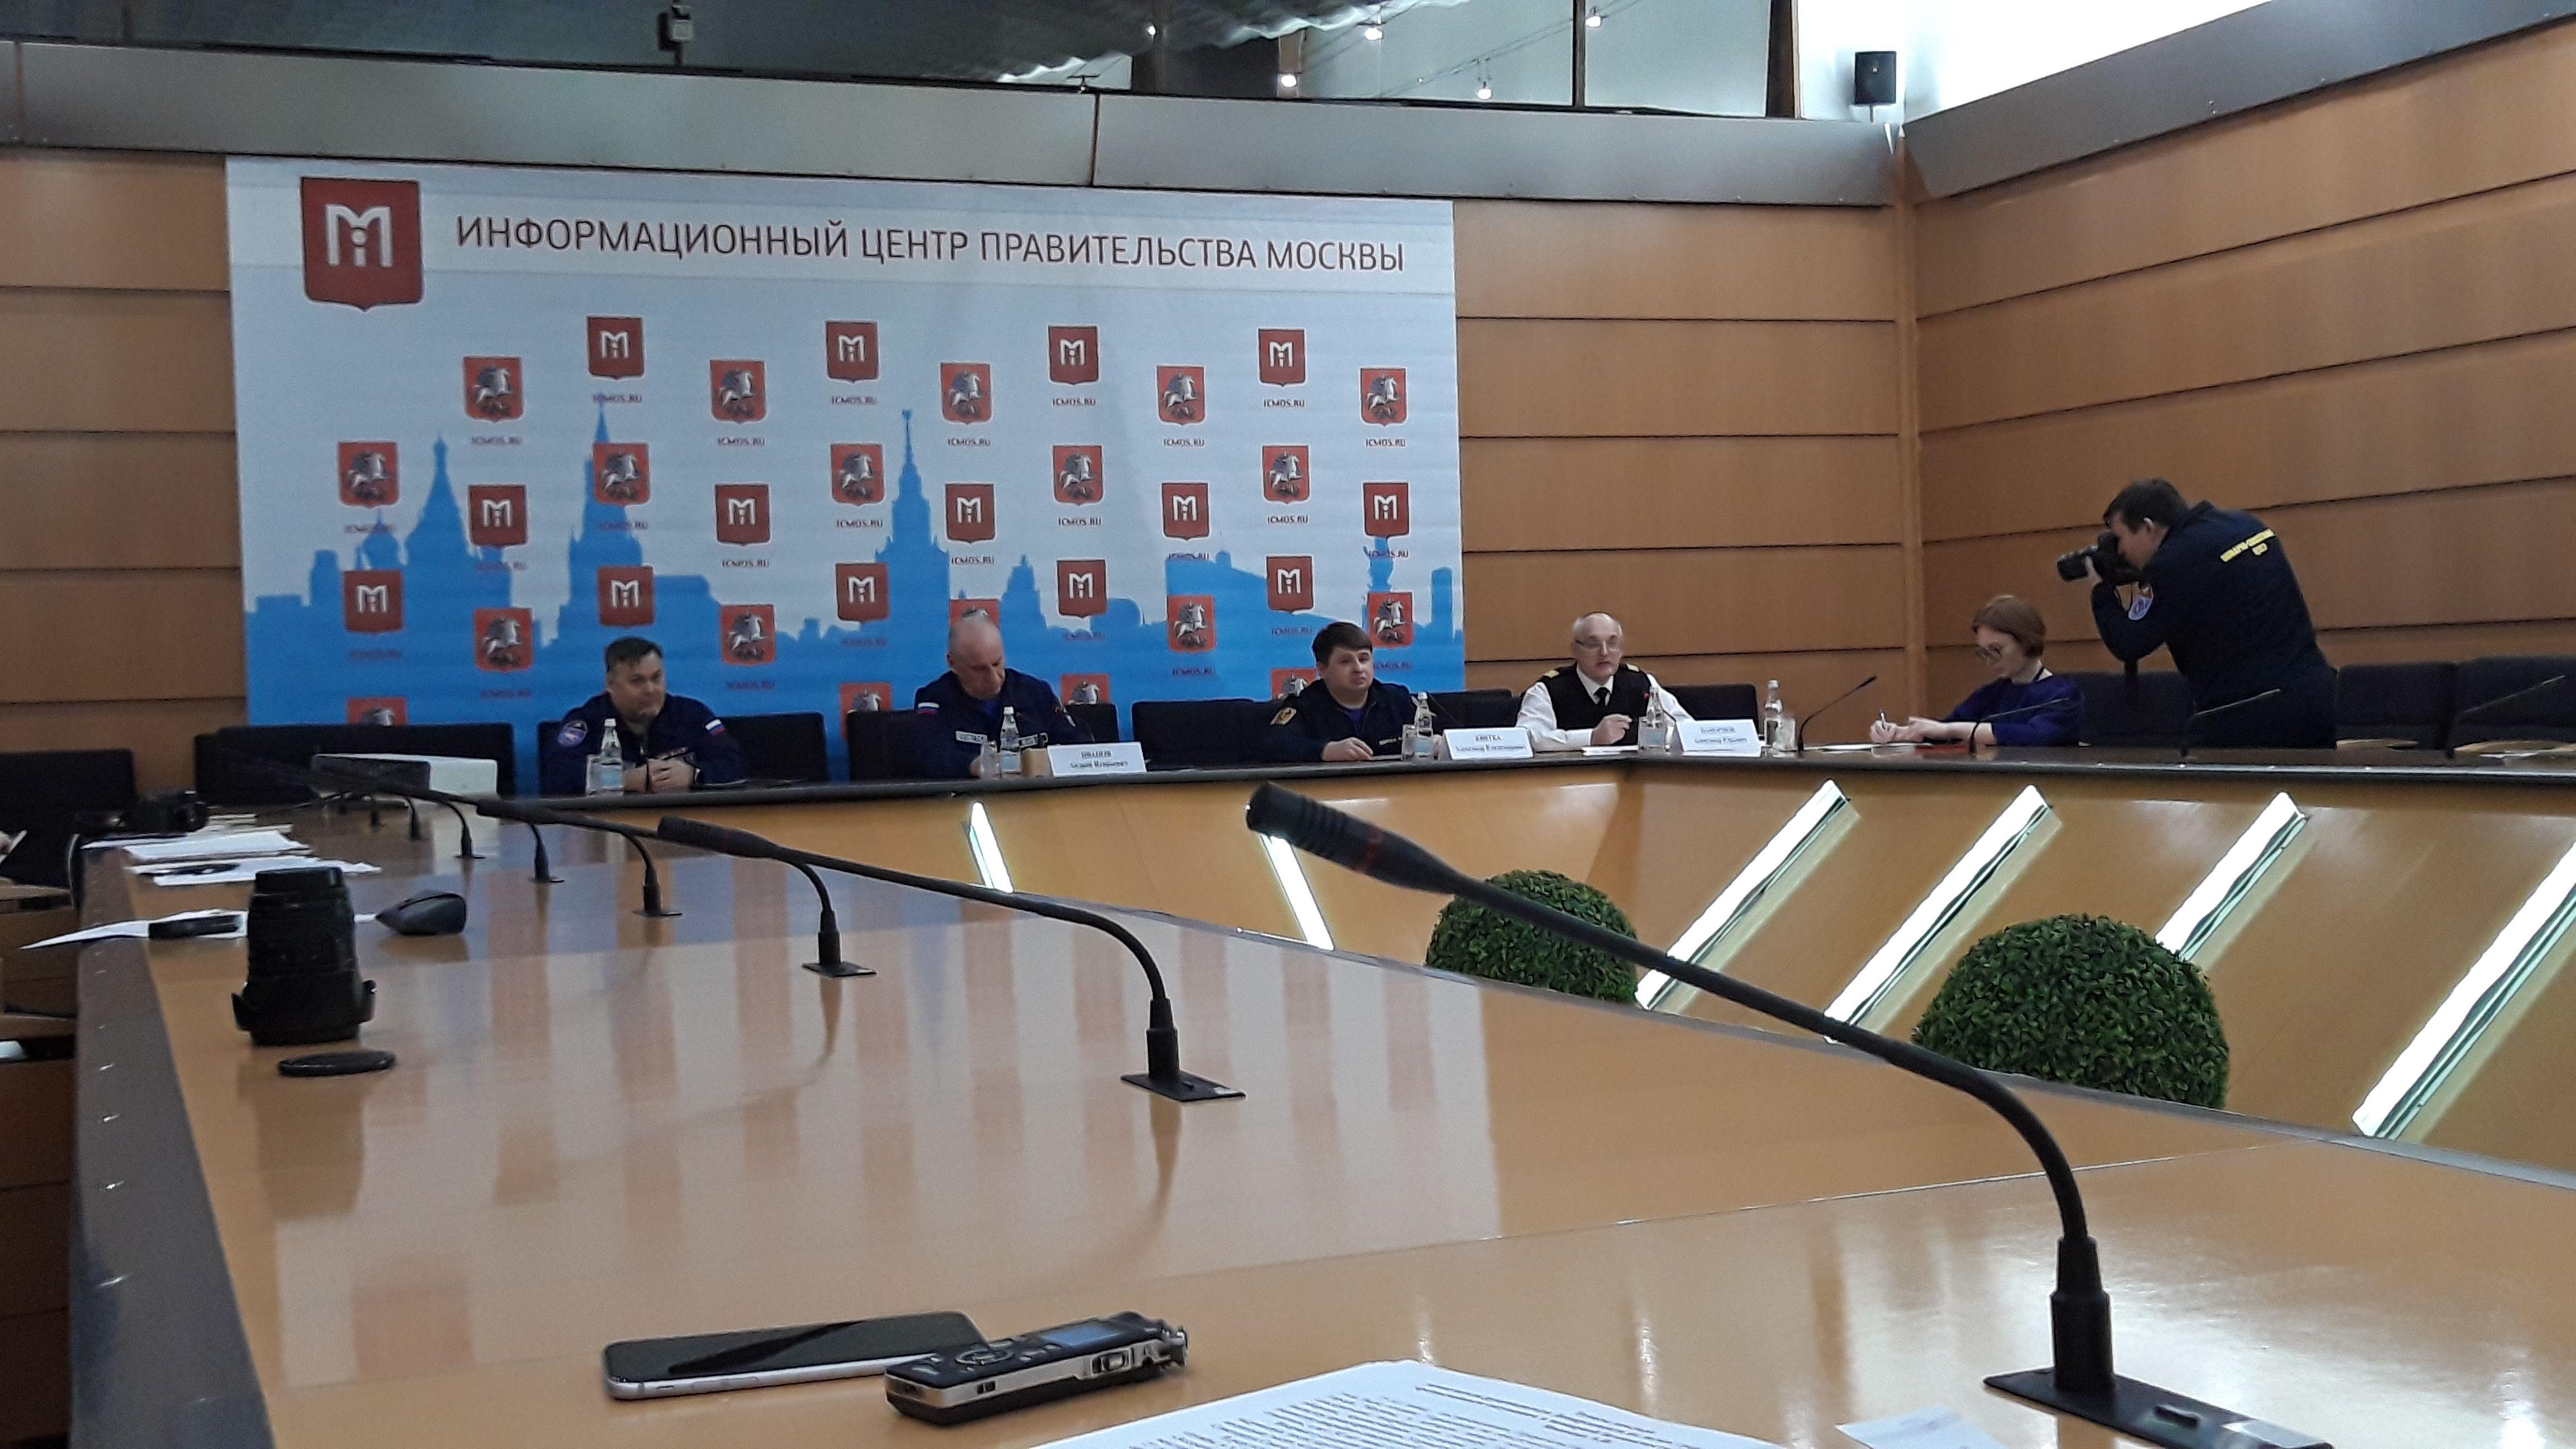 Работу столичных аварийно-спасательных подразделений обсудили в Москве